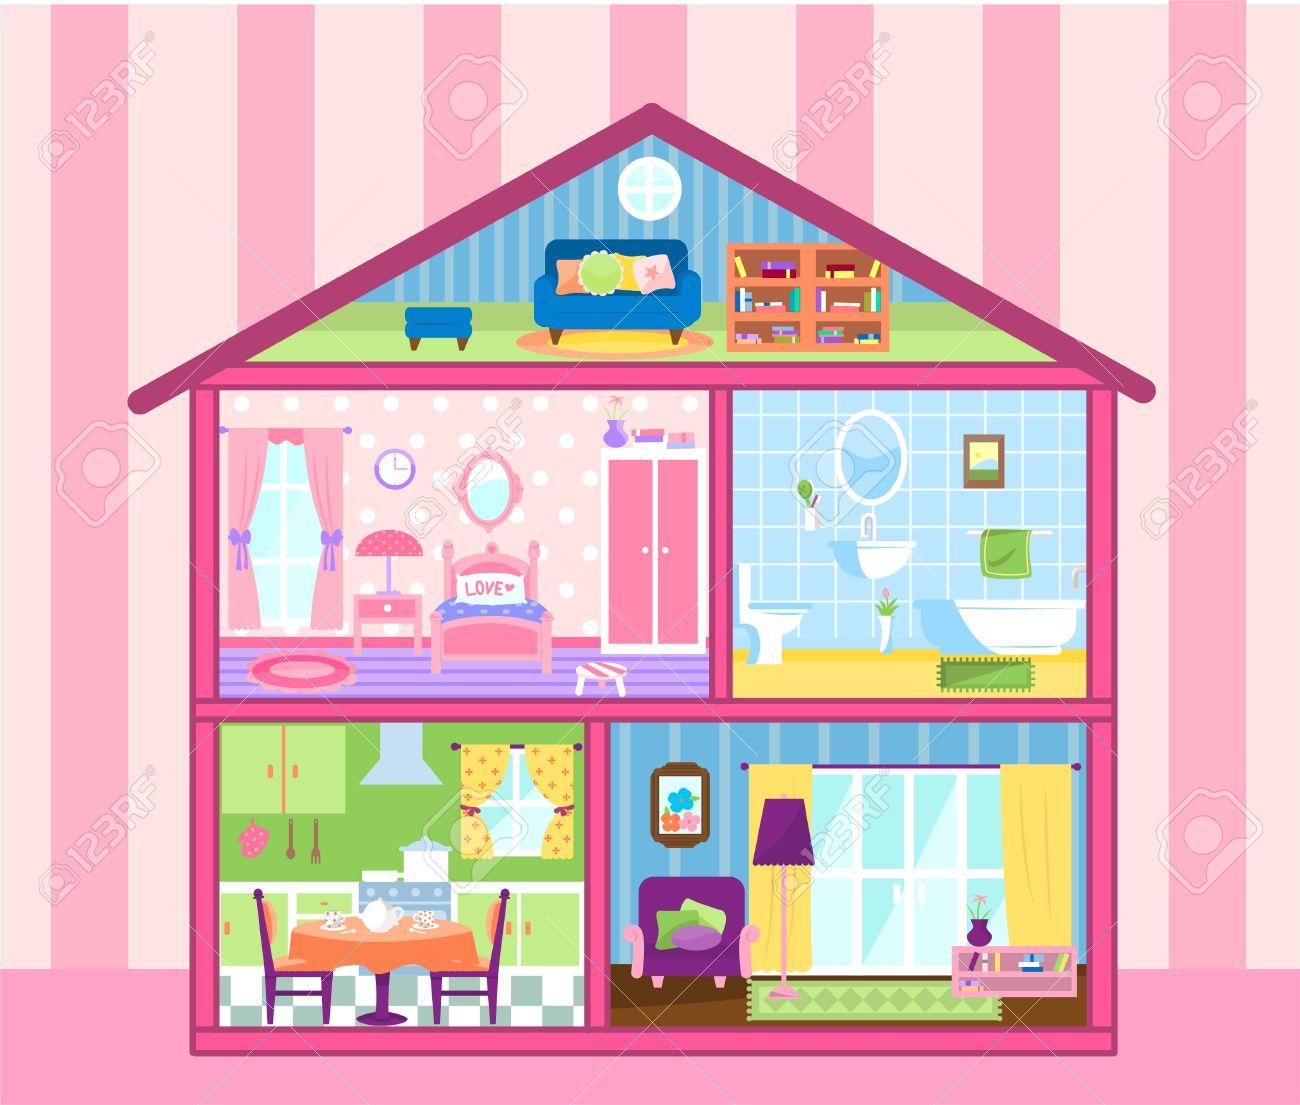 Zwei Etagen GeschossPuppenHaus Mit Niedlichen Dachboden Puppenhaus Wohnzimmer Bad Essen Und Schlafraum Vektor